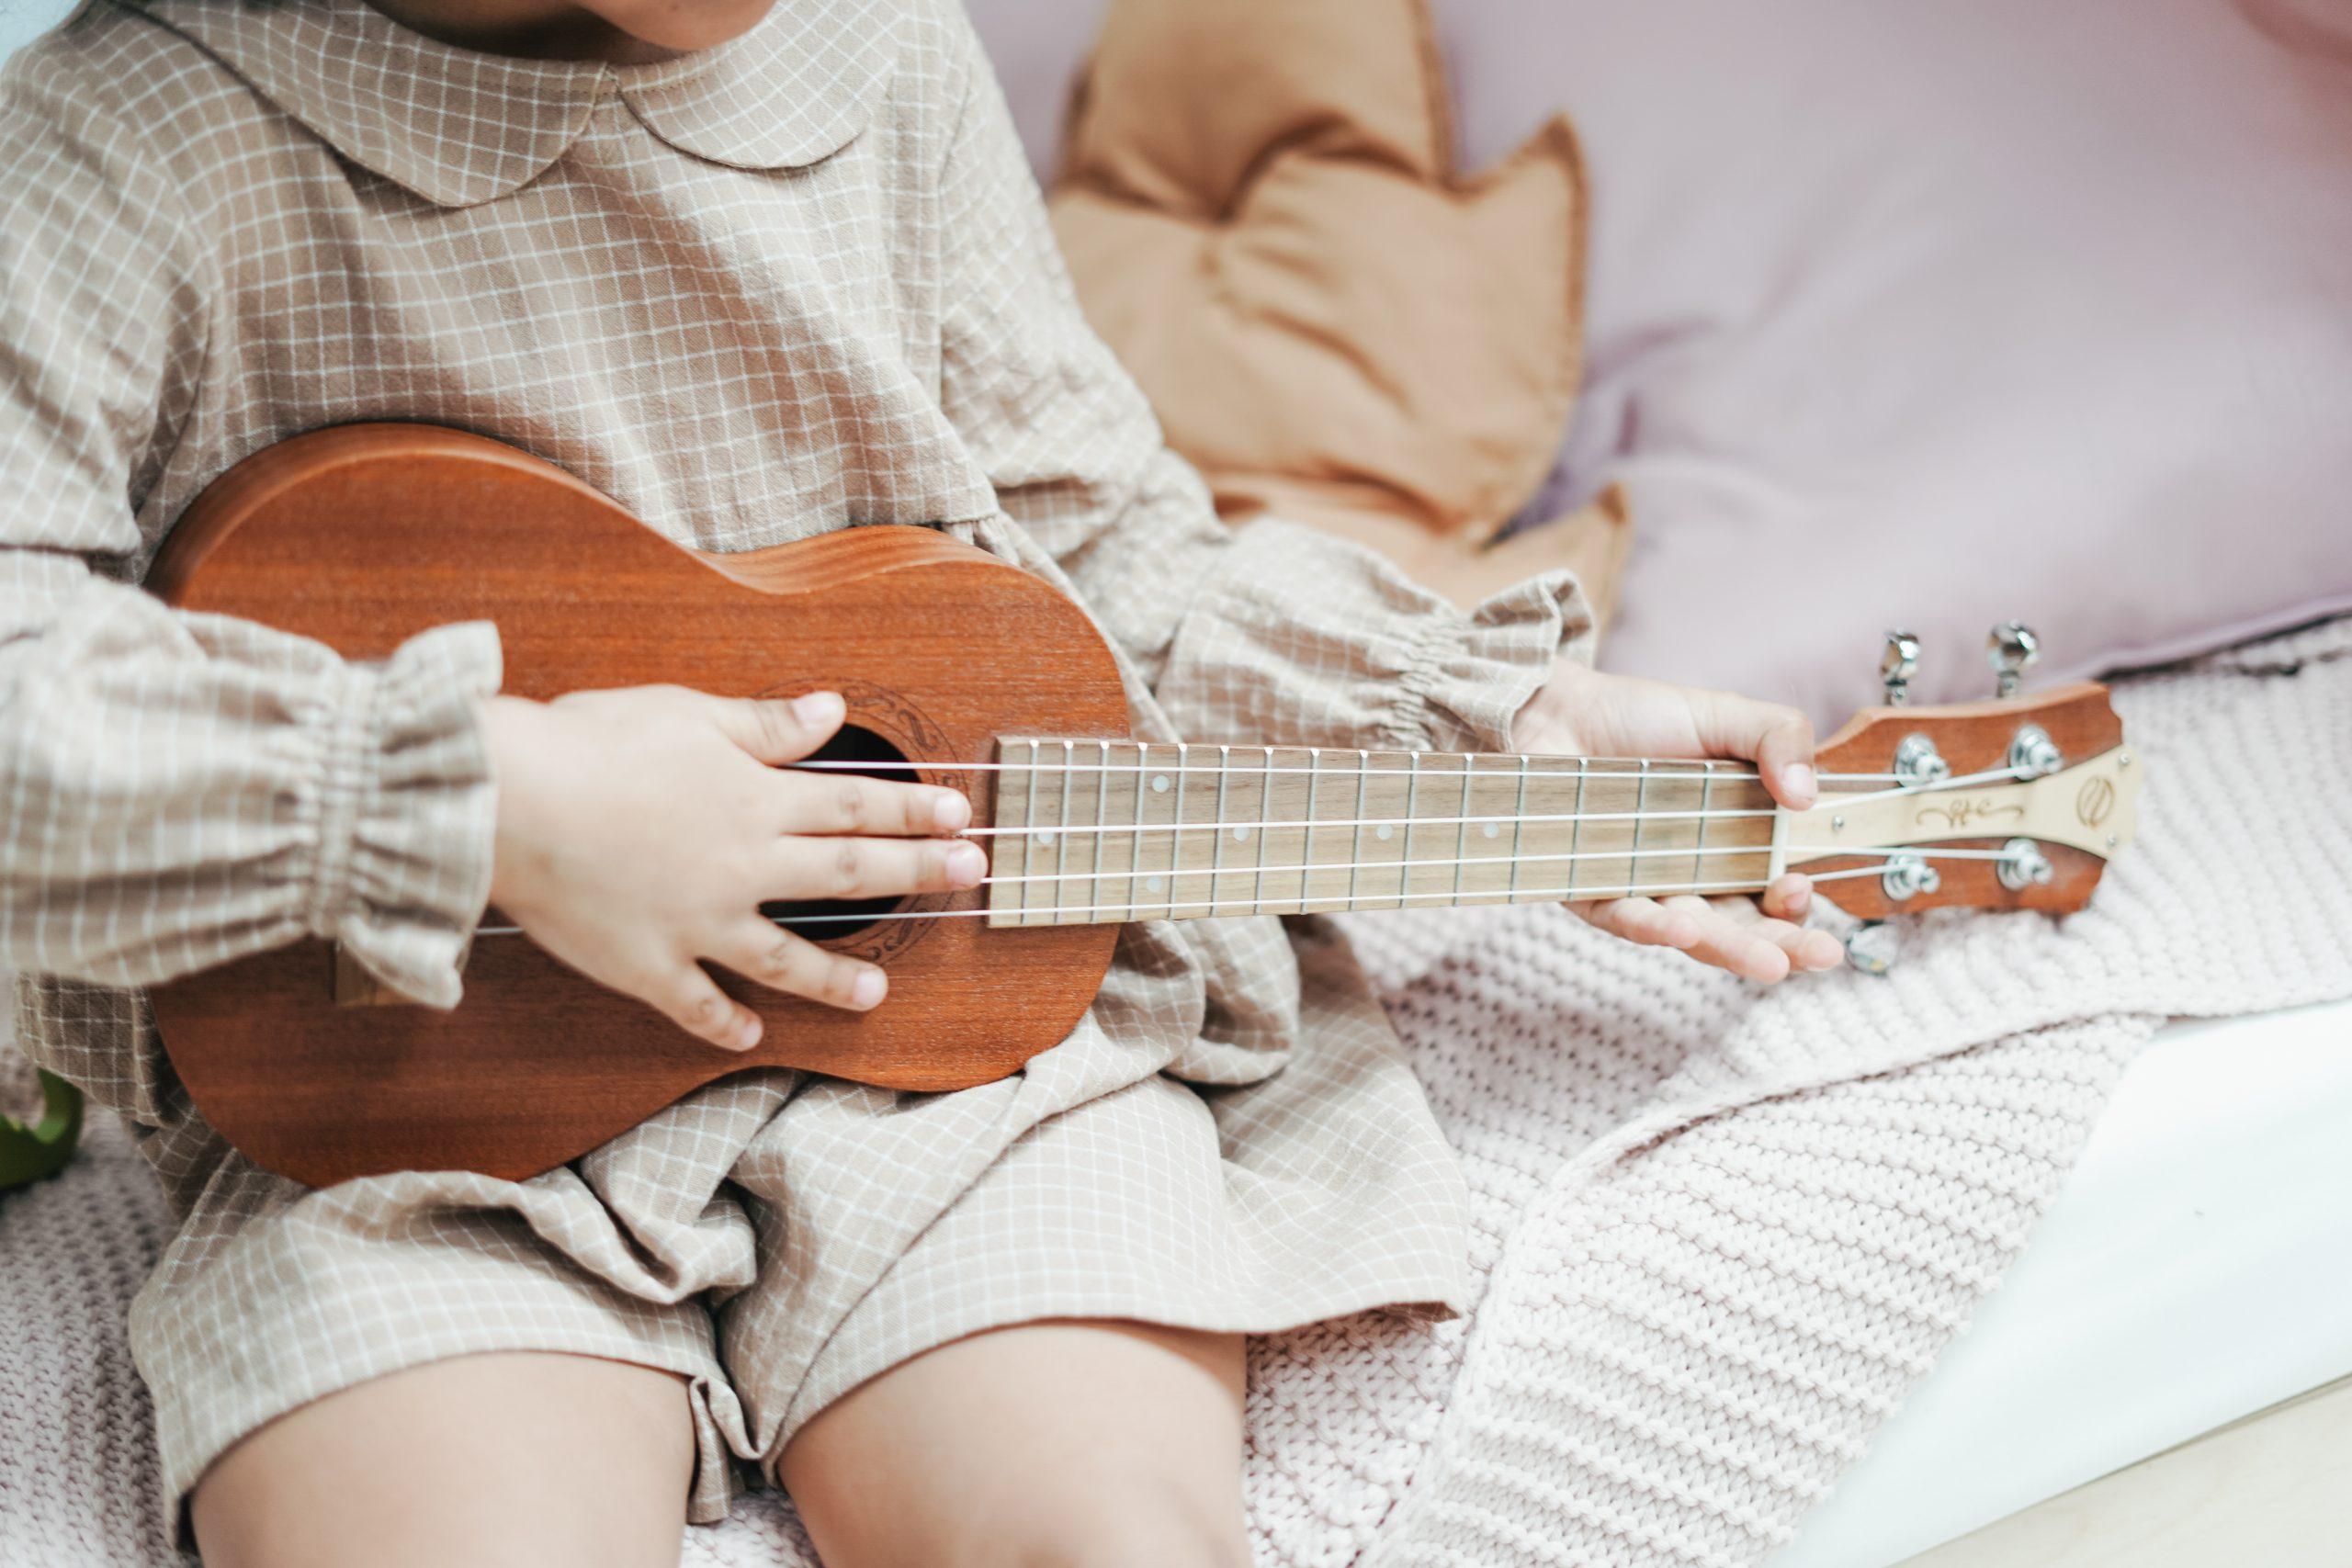 girl sitting on bed playing ukulele